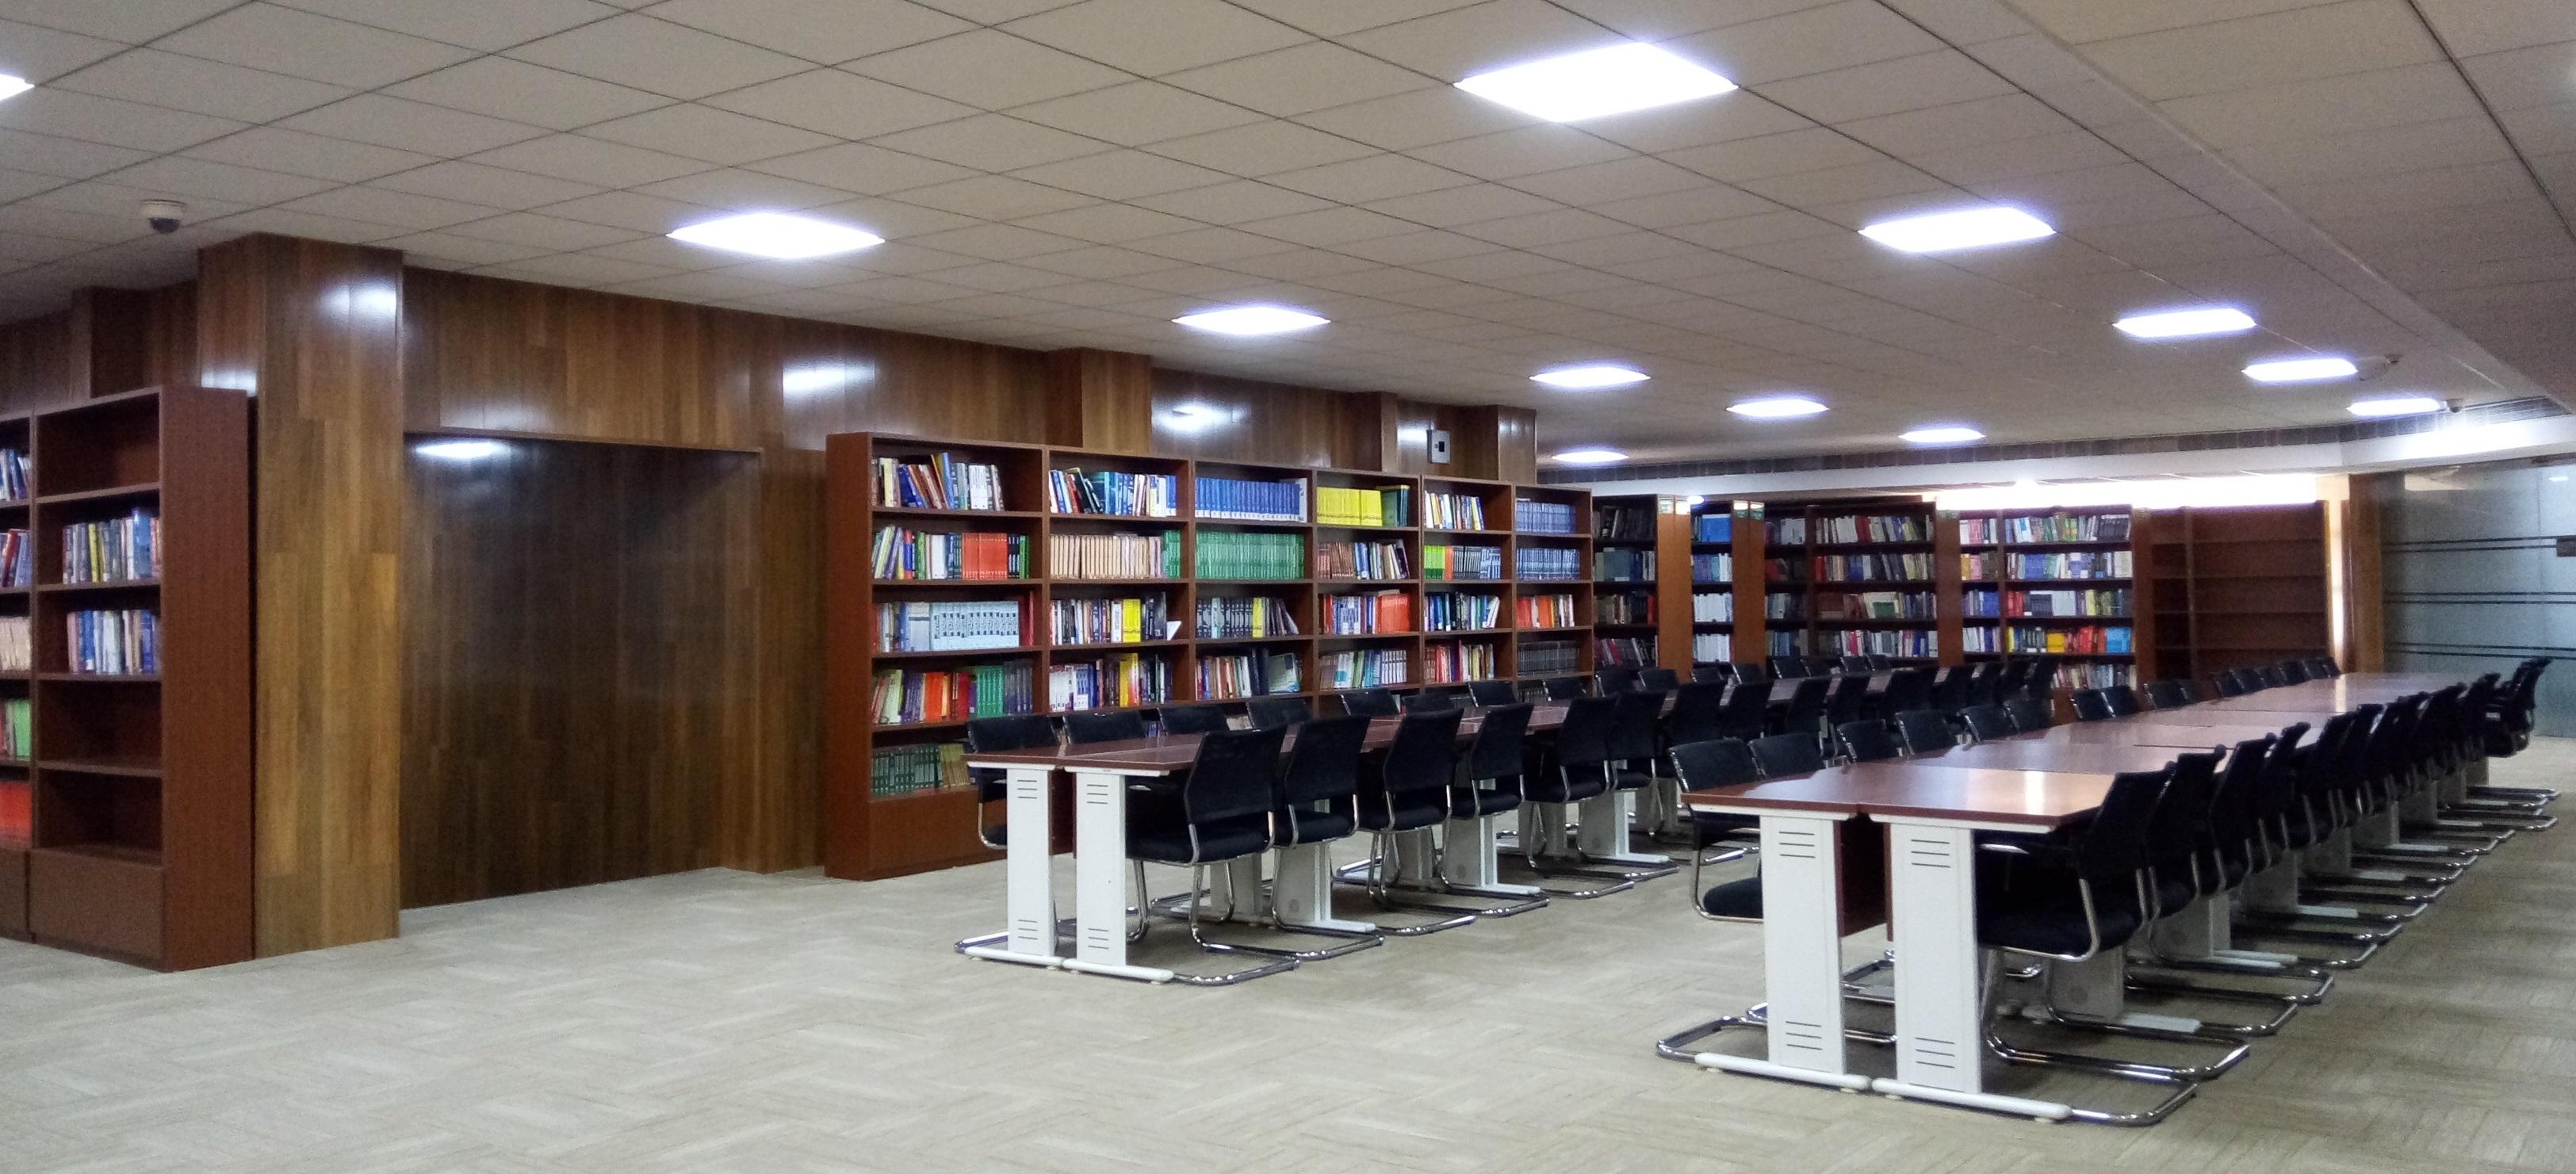 Central Library CIT Kokrajhar